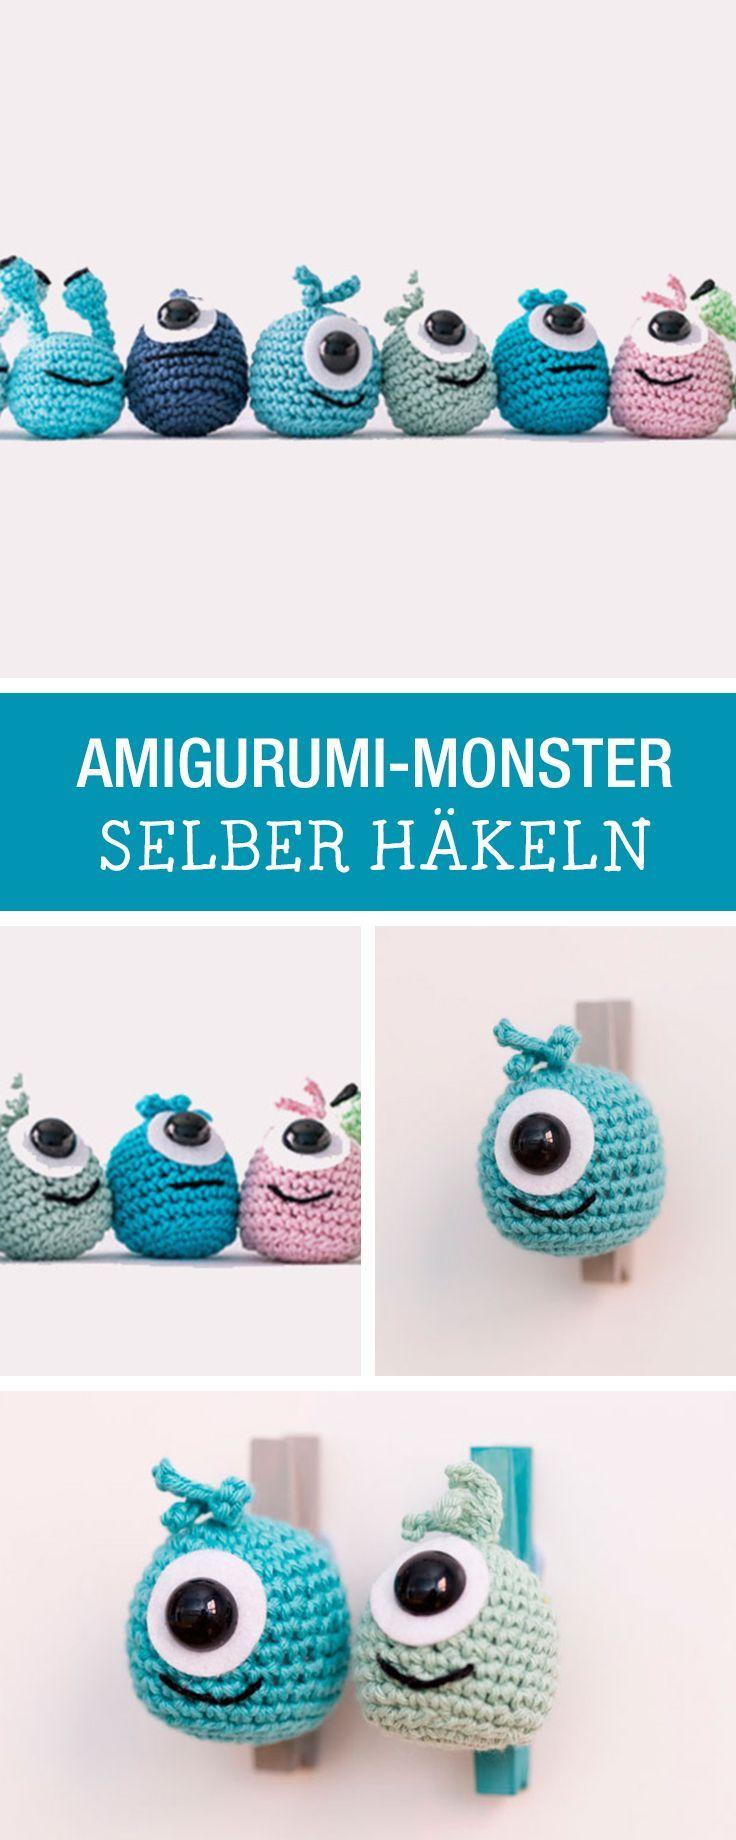 DIY-Anleitung: Amigurumi-Monster selbst häkeln, kleine Monster für großen Spielspaß / DIY tutorial: crocheting amigurumi monster, children's toy via http://DaWanda.com